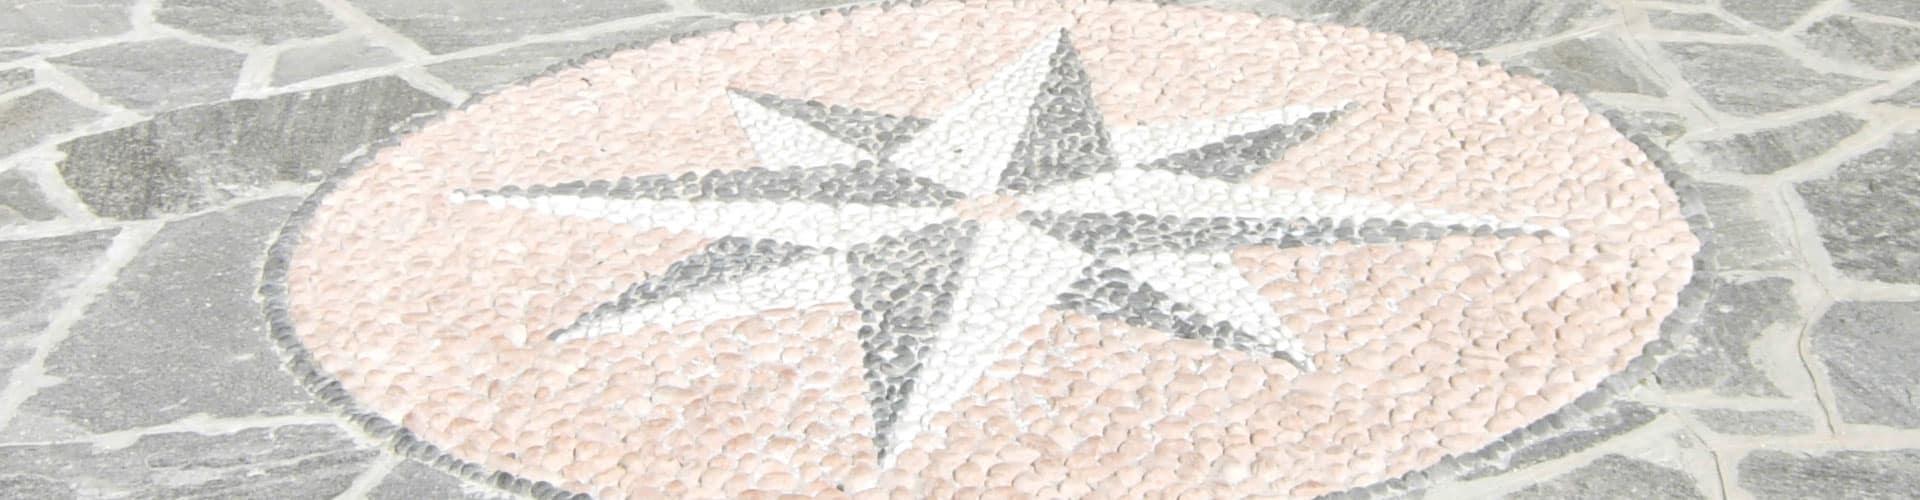 disegni e mosaici realizzati in porfido e pietre naturali